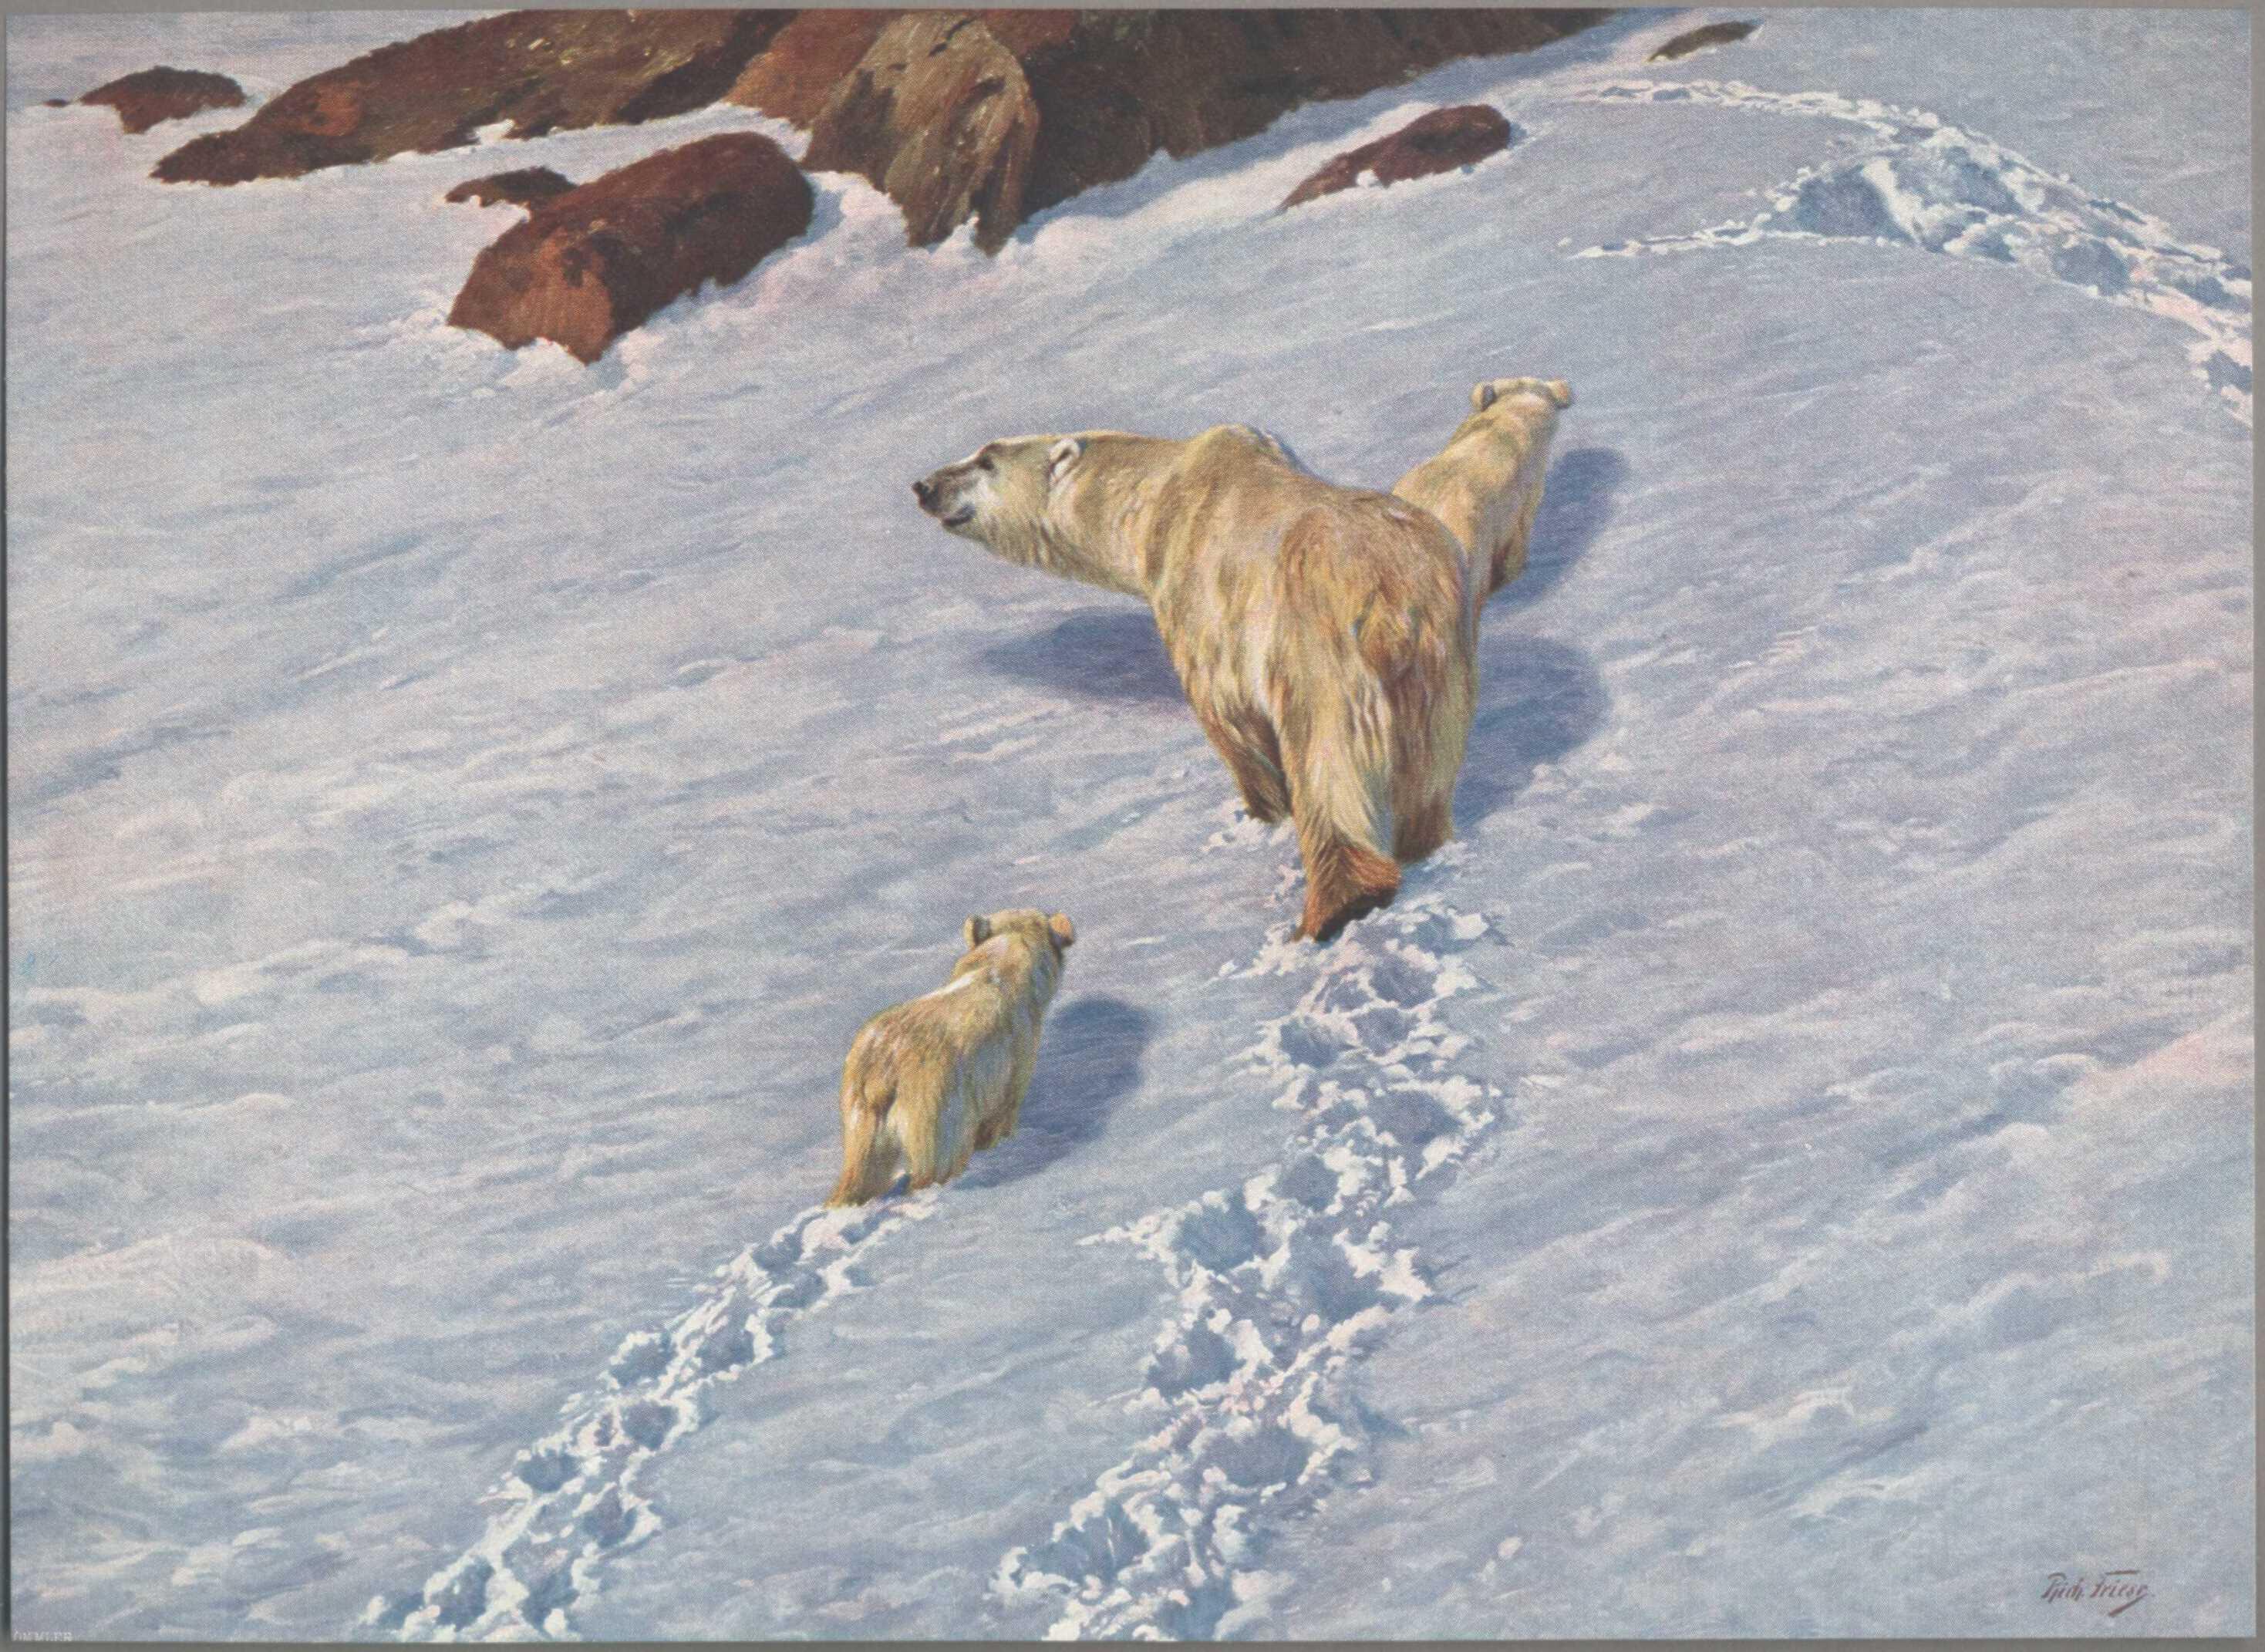 """obraz: Richard Friese i """"Eisbären mit zwei Jungen in Schneelandschaft"""" (Niedźwiedzie polarne z dwoma młodymi na tle śnieżnego krajobrazu"""""""